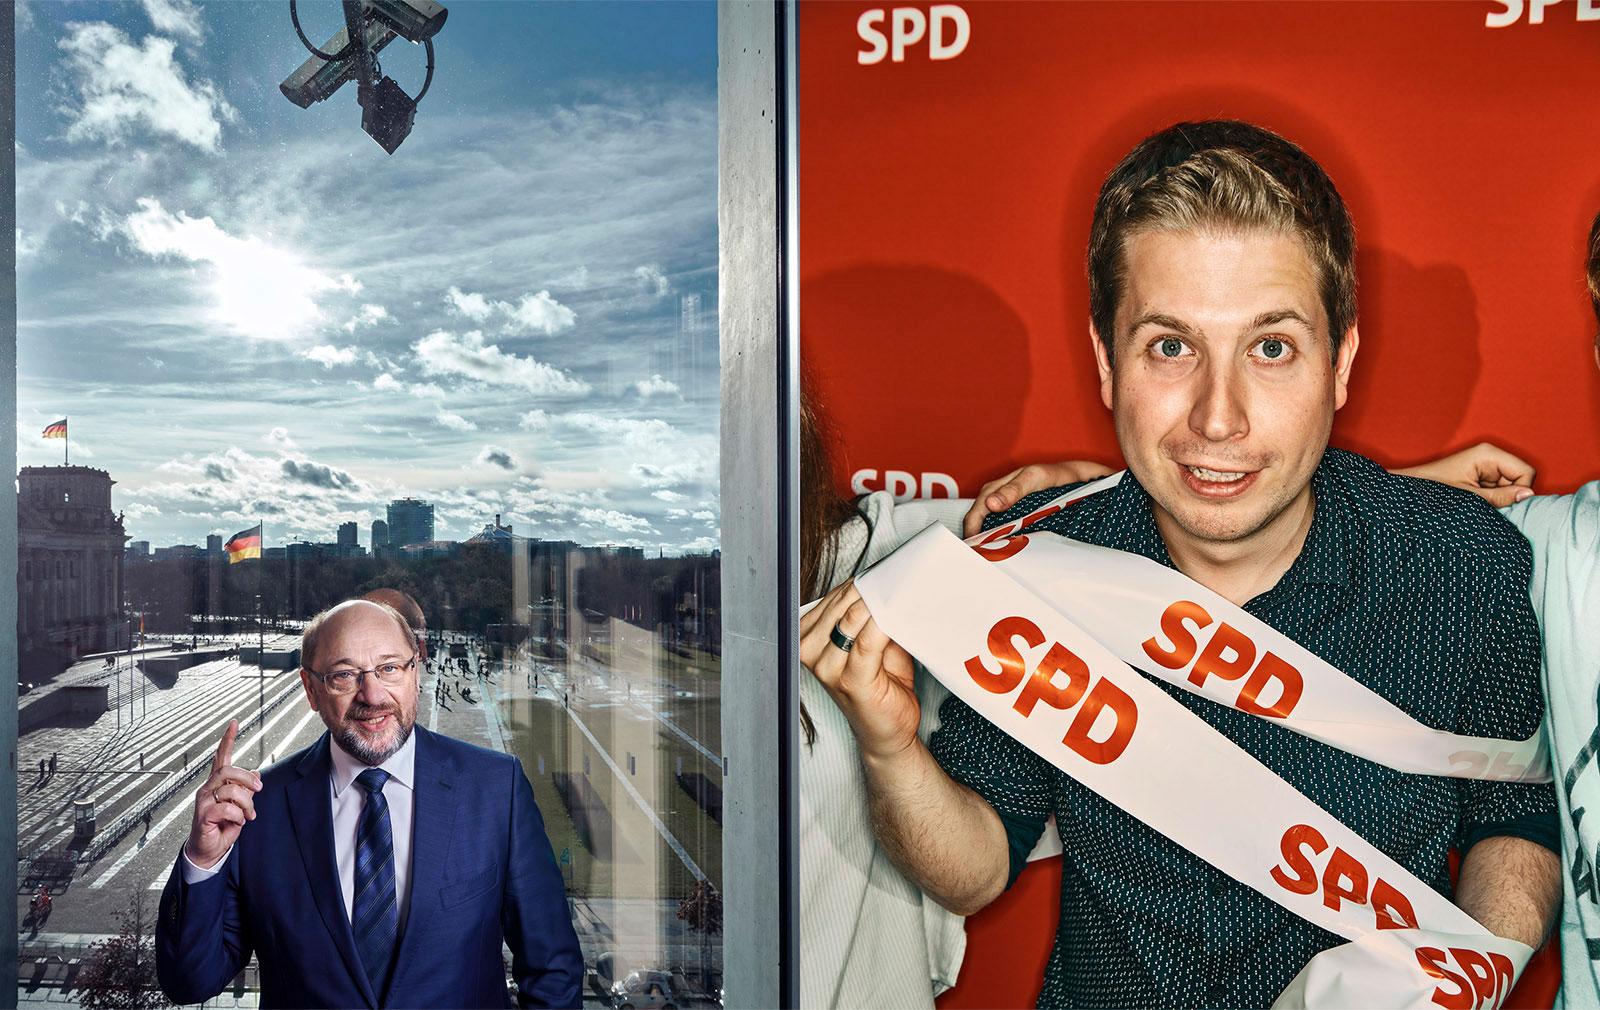 Fototermin | Portraits von den Politikern der SPD, Martin Schulz